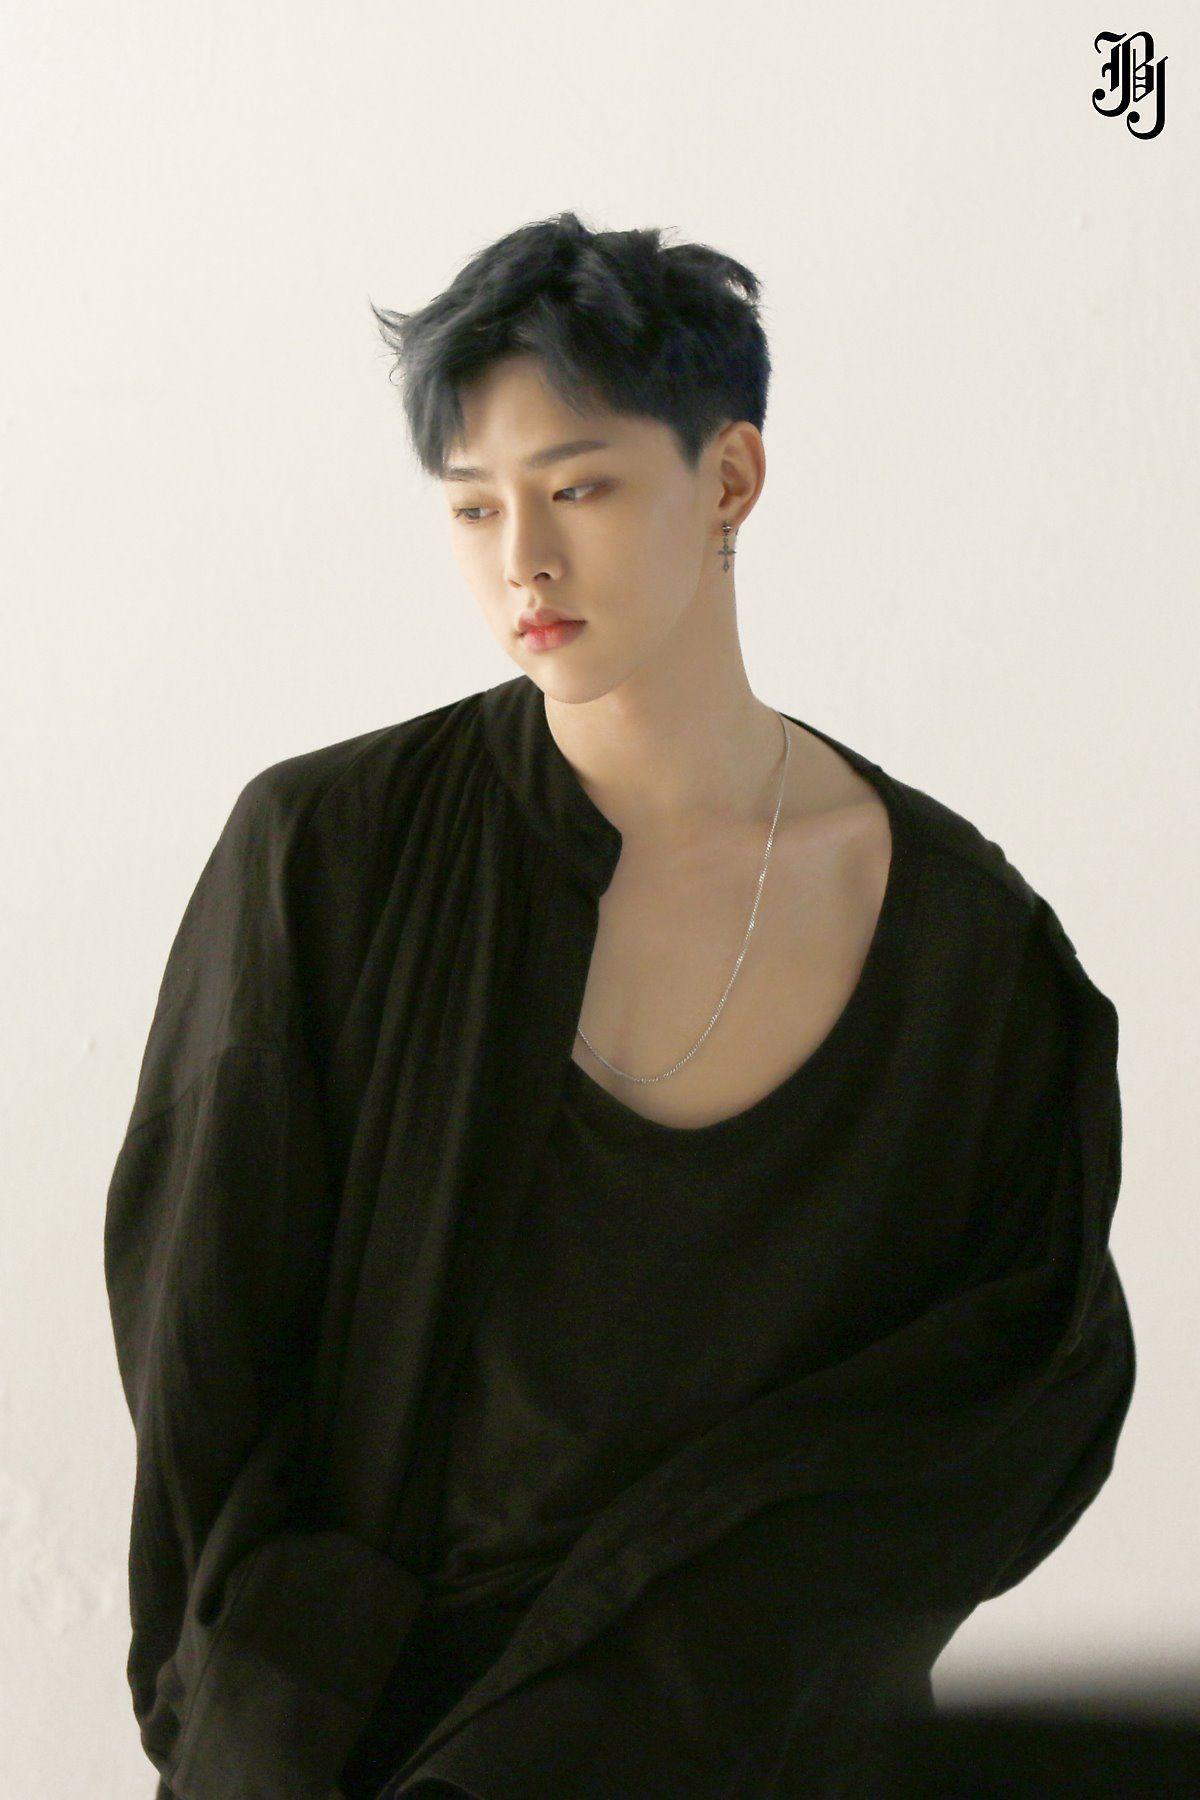 7ac369a276d JBJ 1st MINI ALBUM  FANTASY  BEHIND CUT I-I — Hyunbin